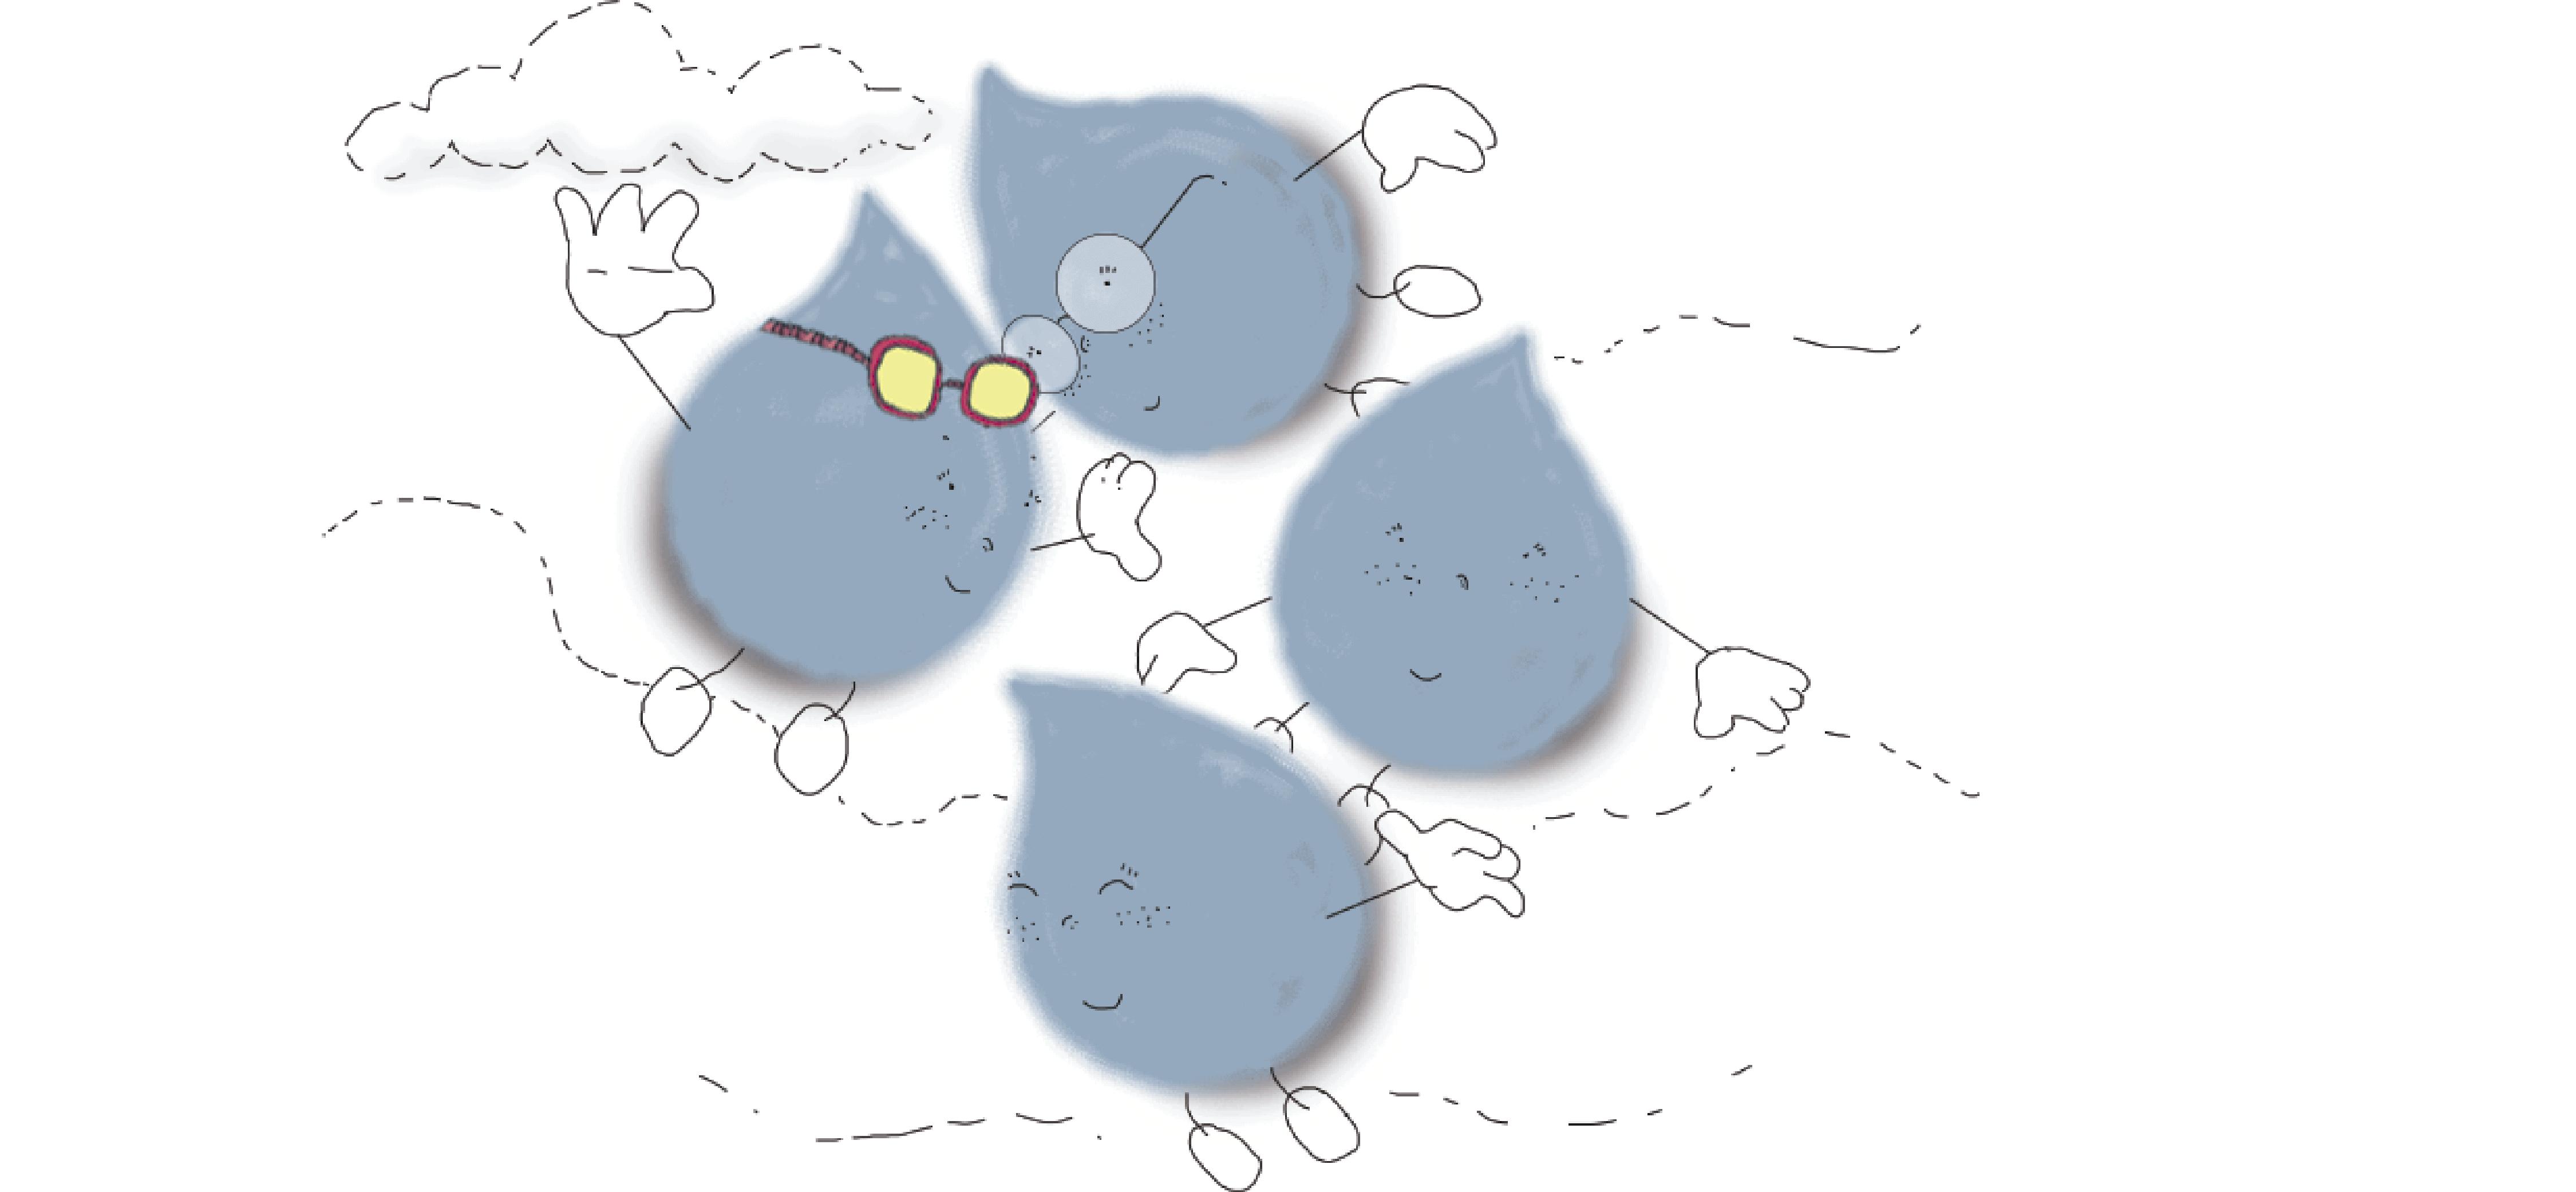 La gotita valiente volviendo a las nubes